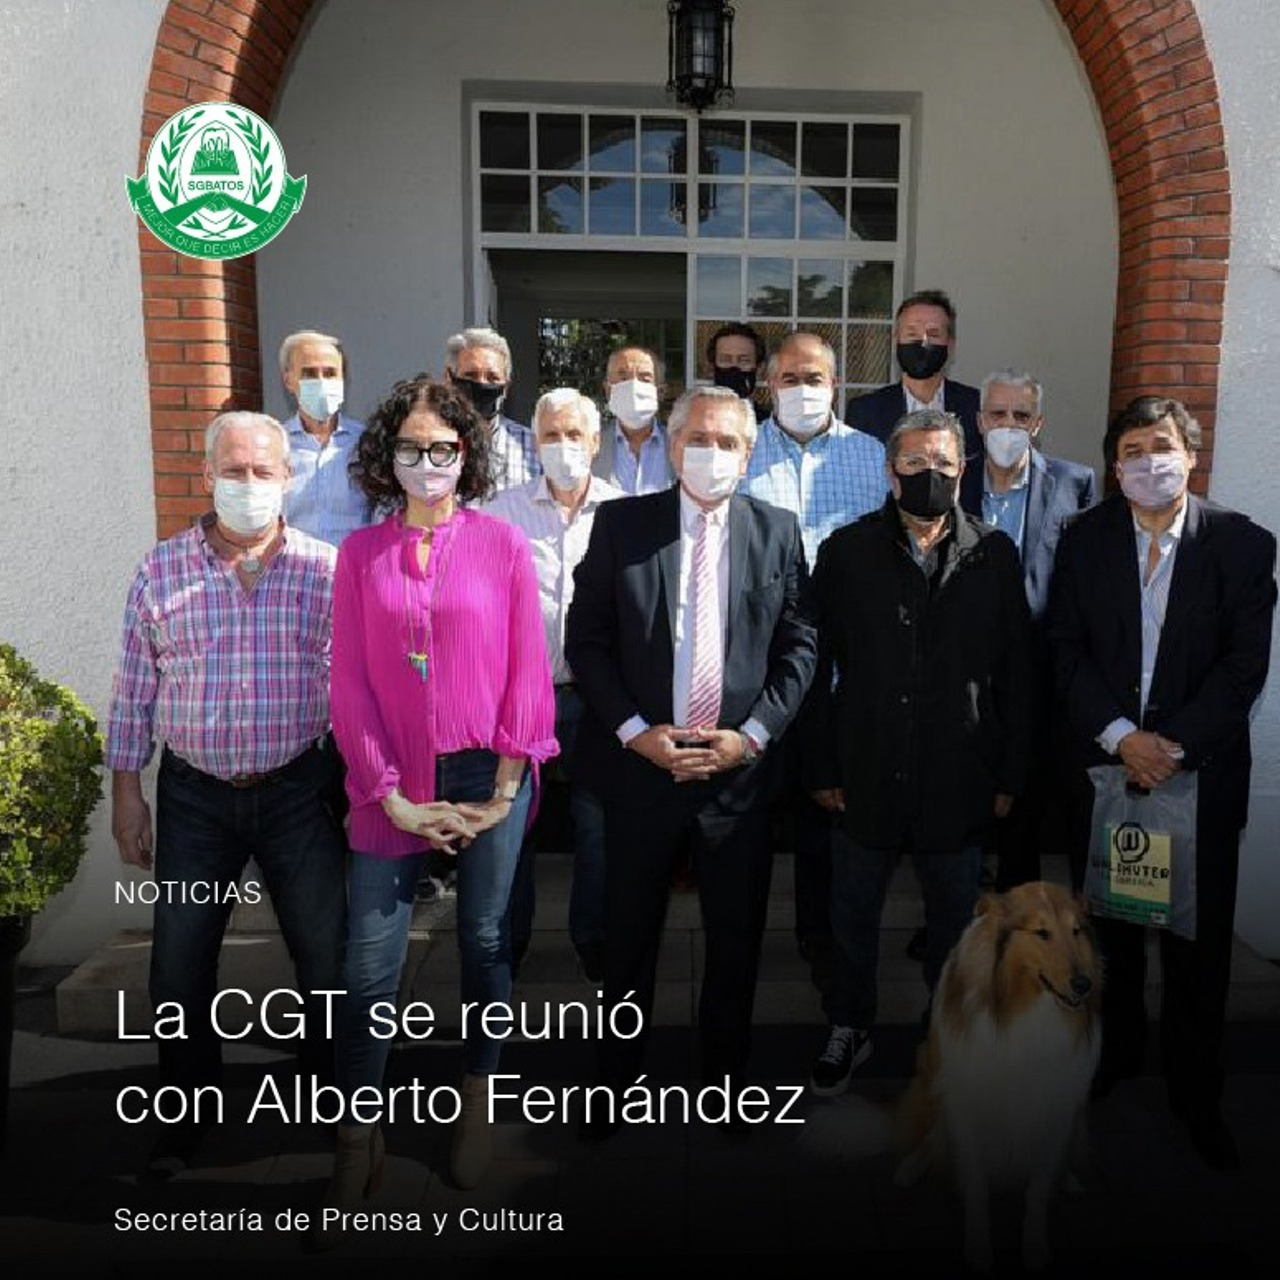 La CGT se reunió con Alberto Fernández